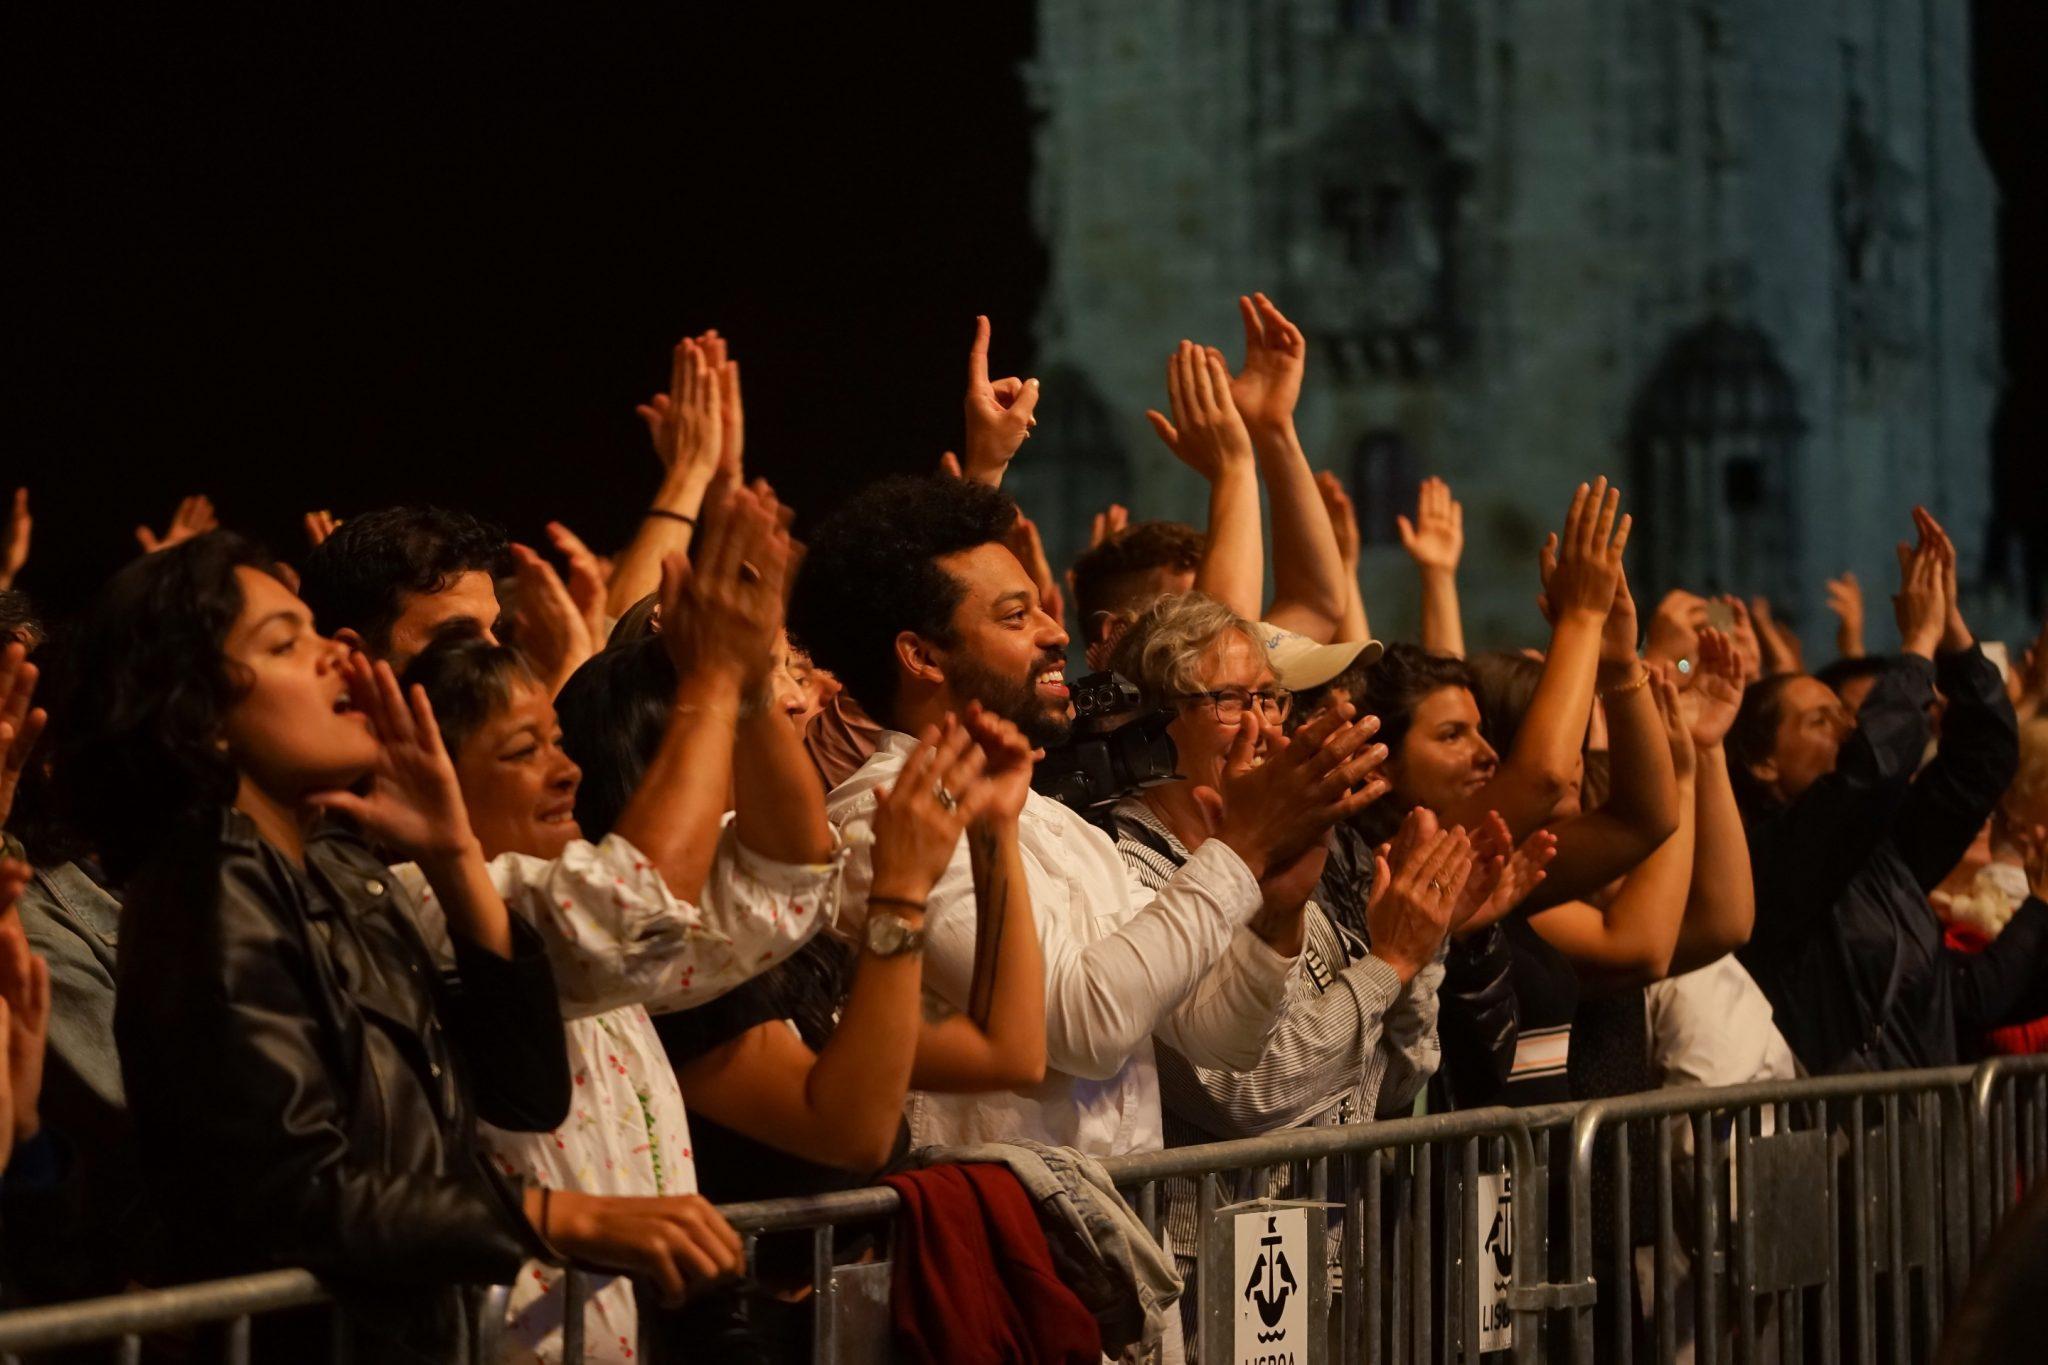 Público sorri e aplaude no final do concerto Revafela 40, com um pormenor da Torre de Belém ao fundo